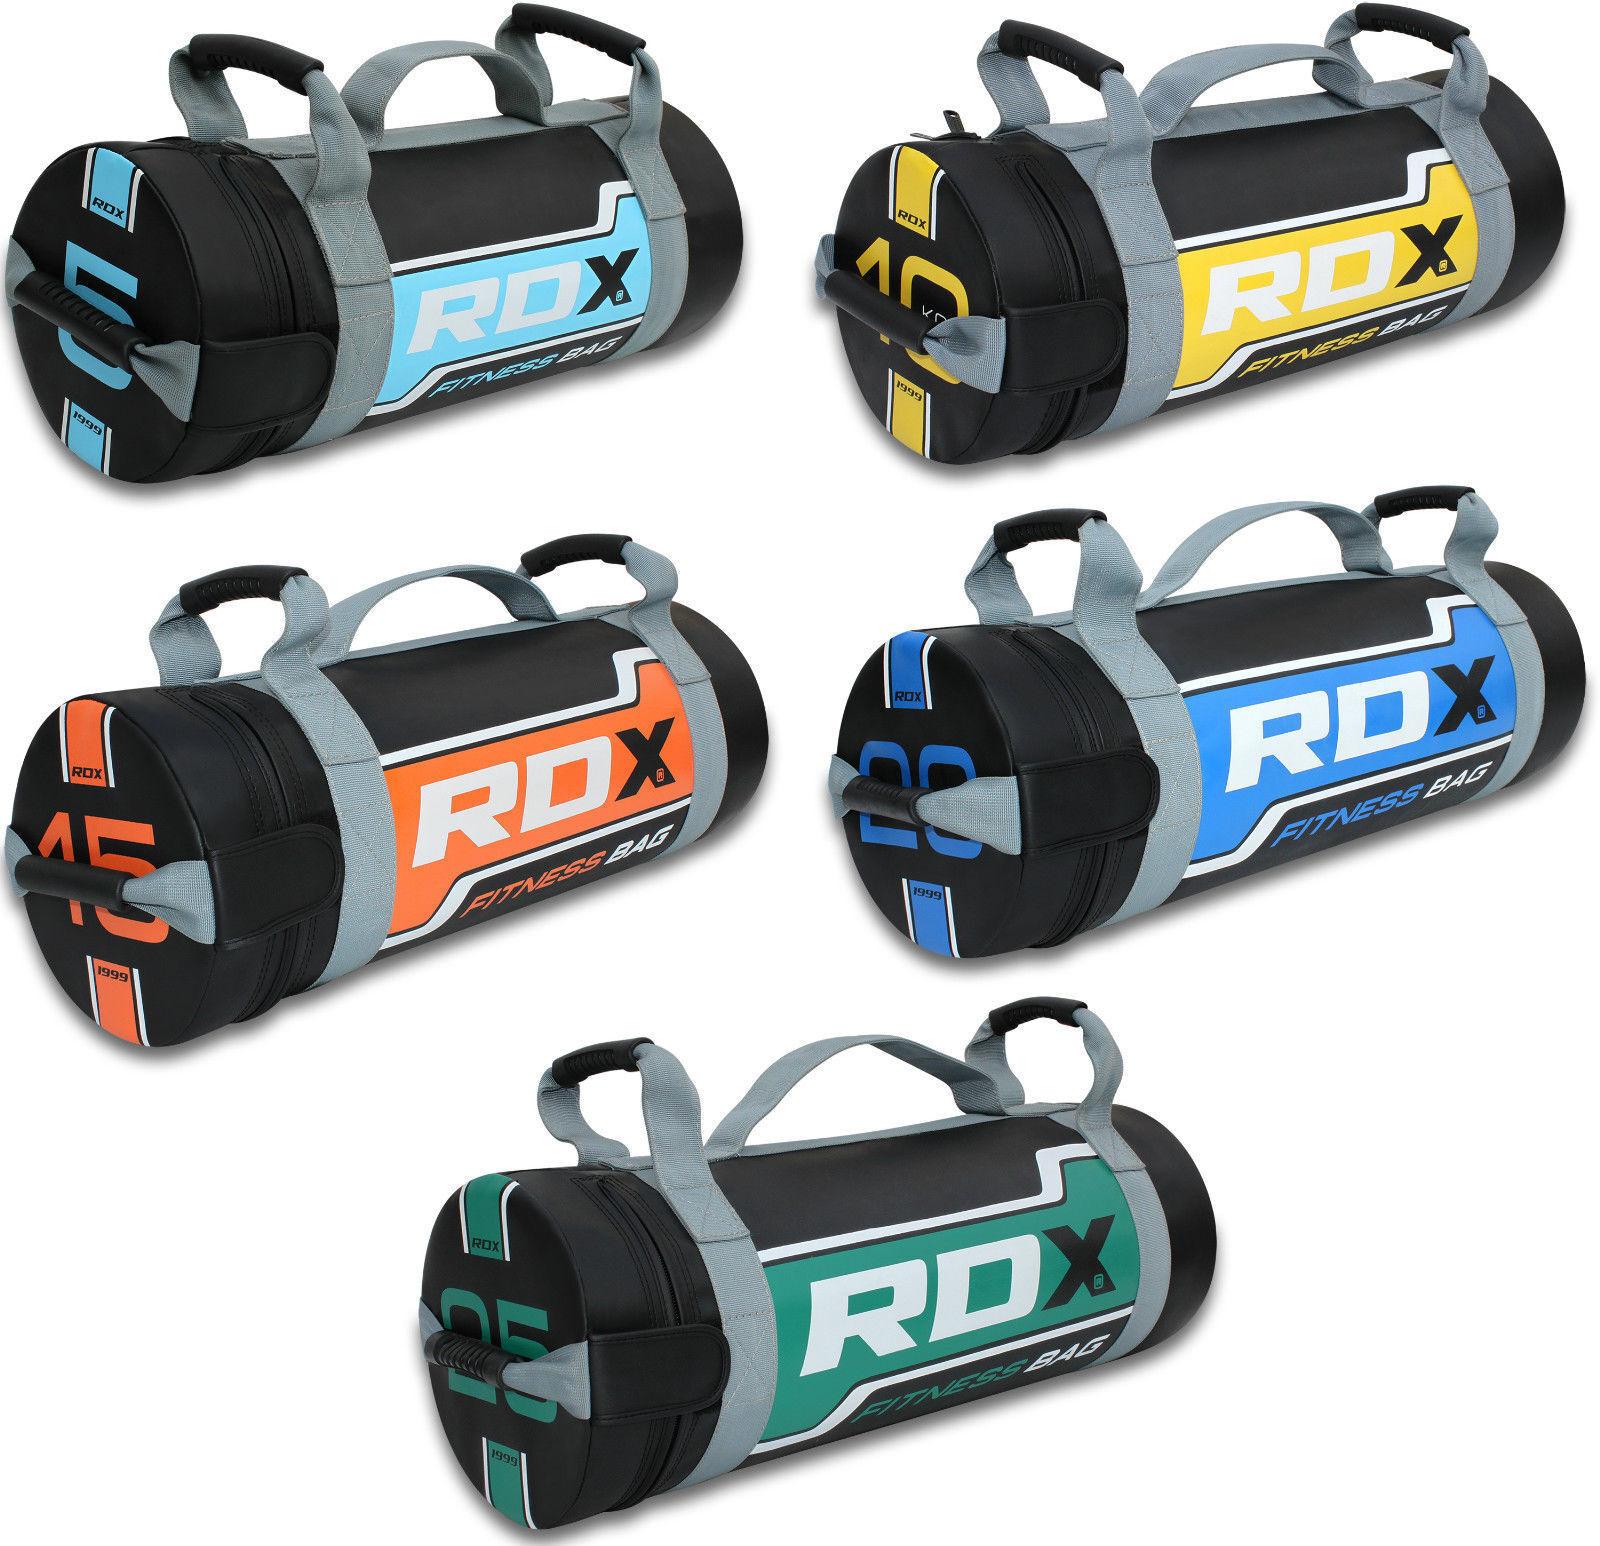 RDX Power Sandbag nuestro bienestar Bag peso saco de entrenamiento de fuerza bolso de entrenamiento 5-25kg